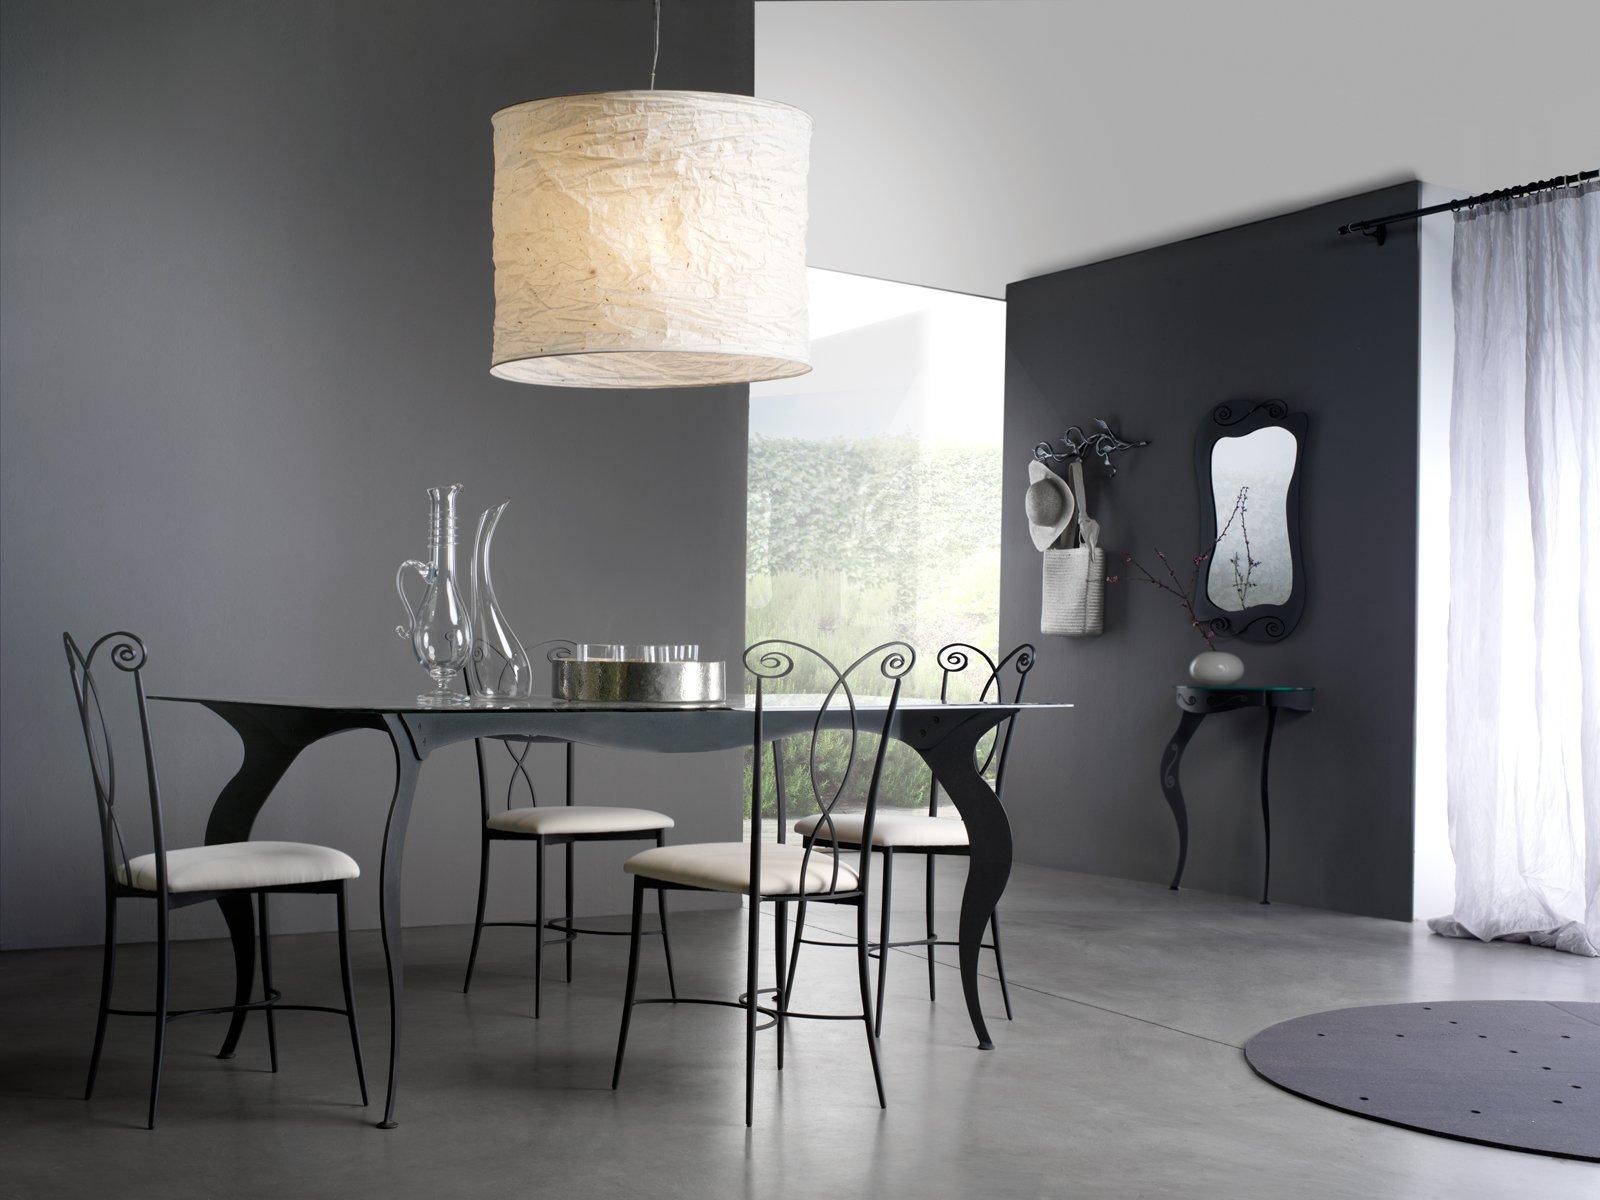 Si Ispira Ai Modelli Barocchi Mirò Di Cosatto Realizzato In Lamiera  #876B44 1600 1200 Tavoli E Sedie Per Sala Da Pranzo